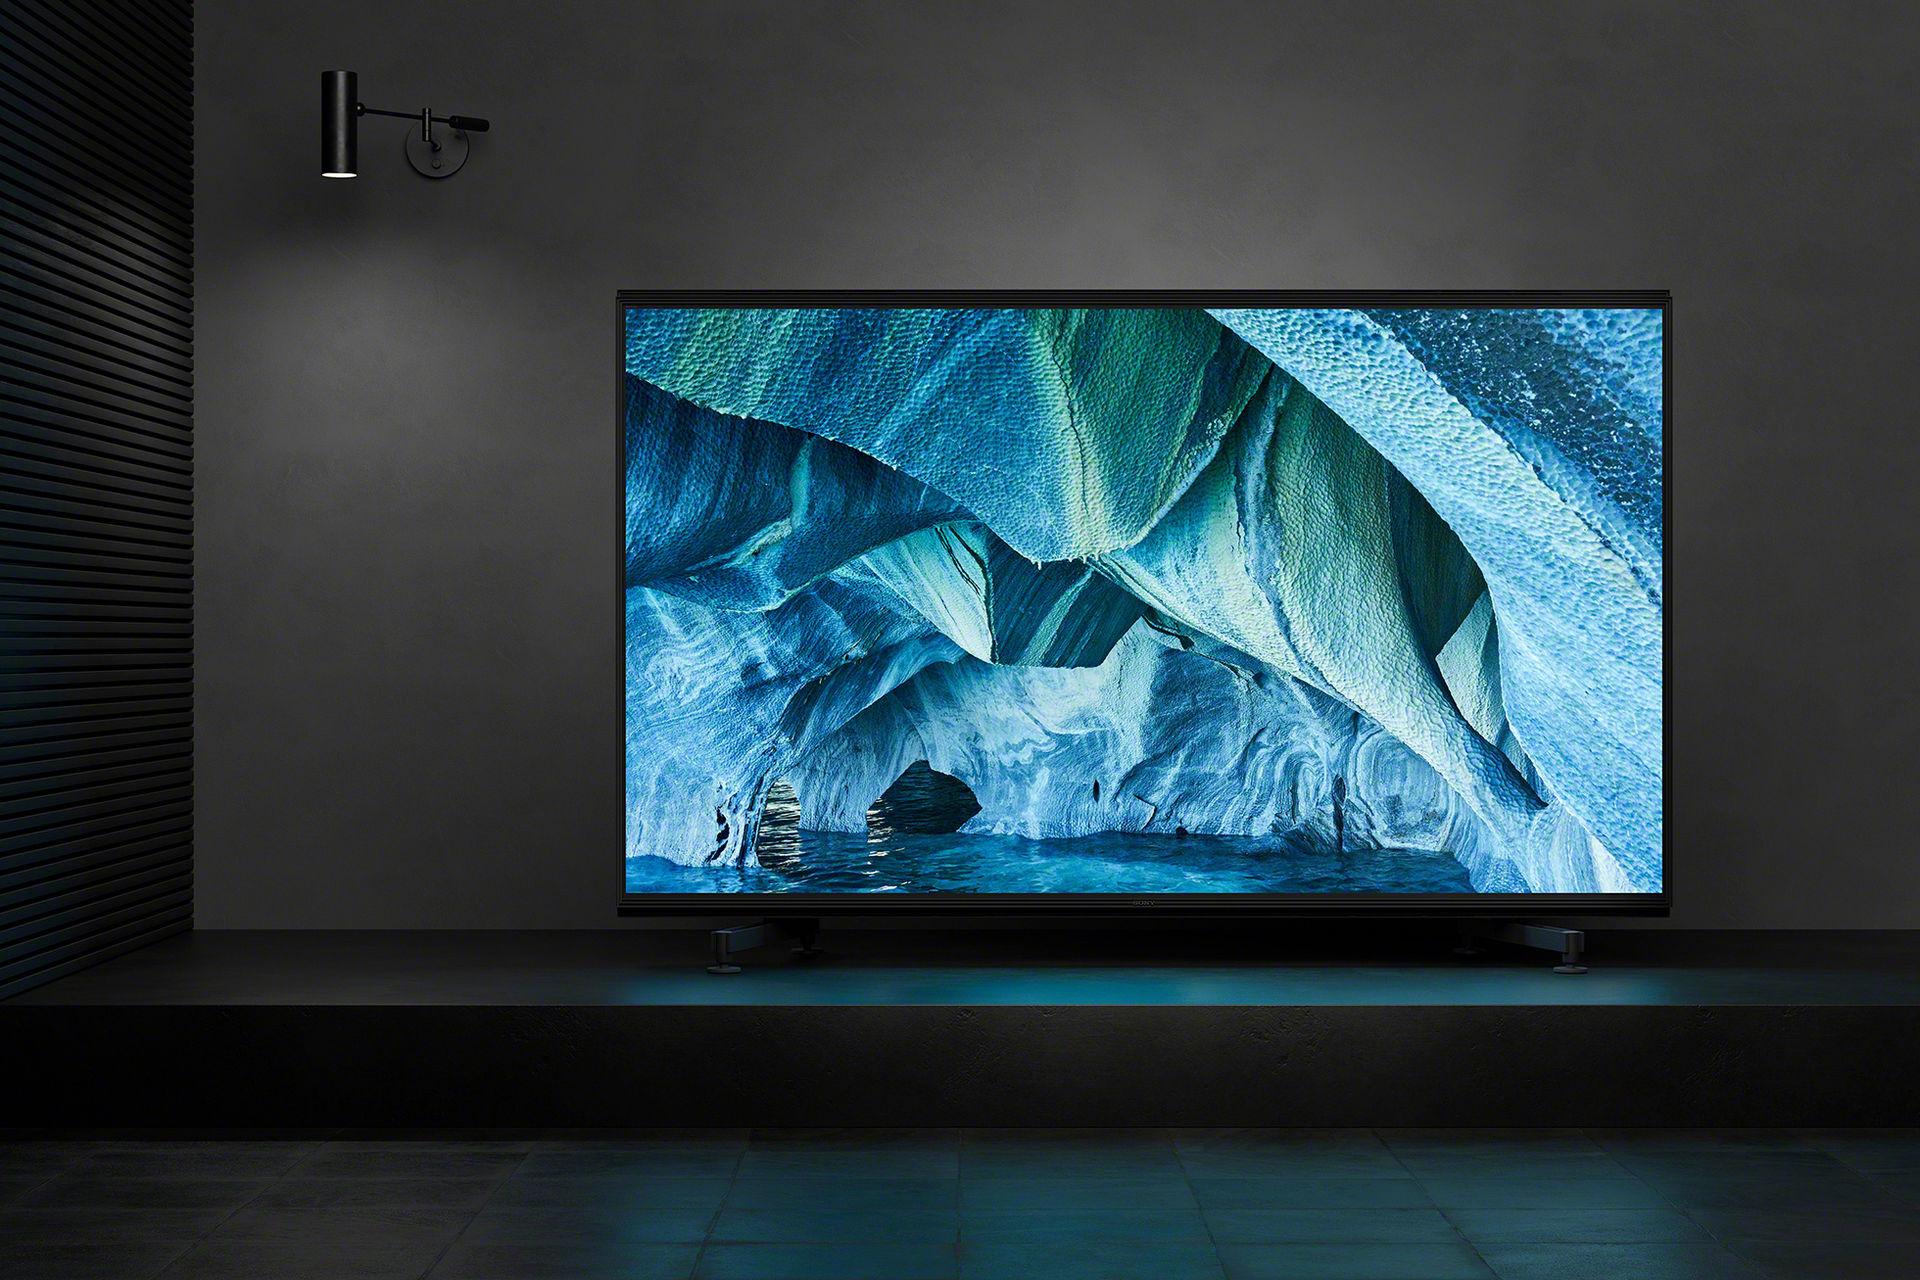 Sonys första 8K TV börjar säljas nästa månad